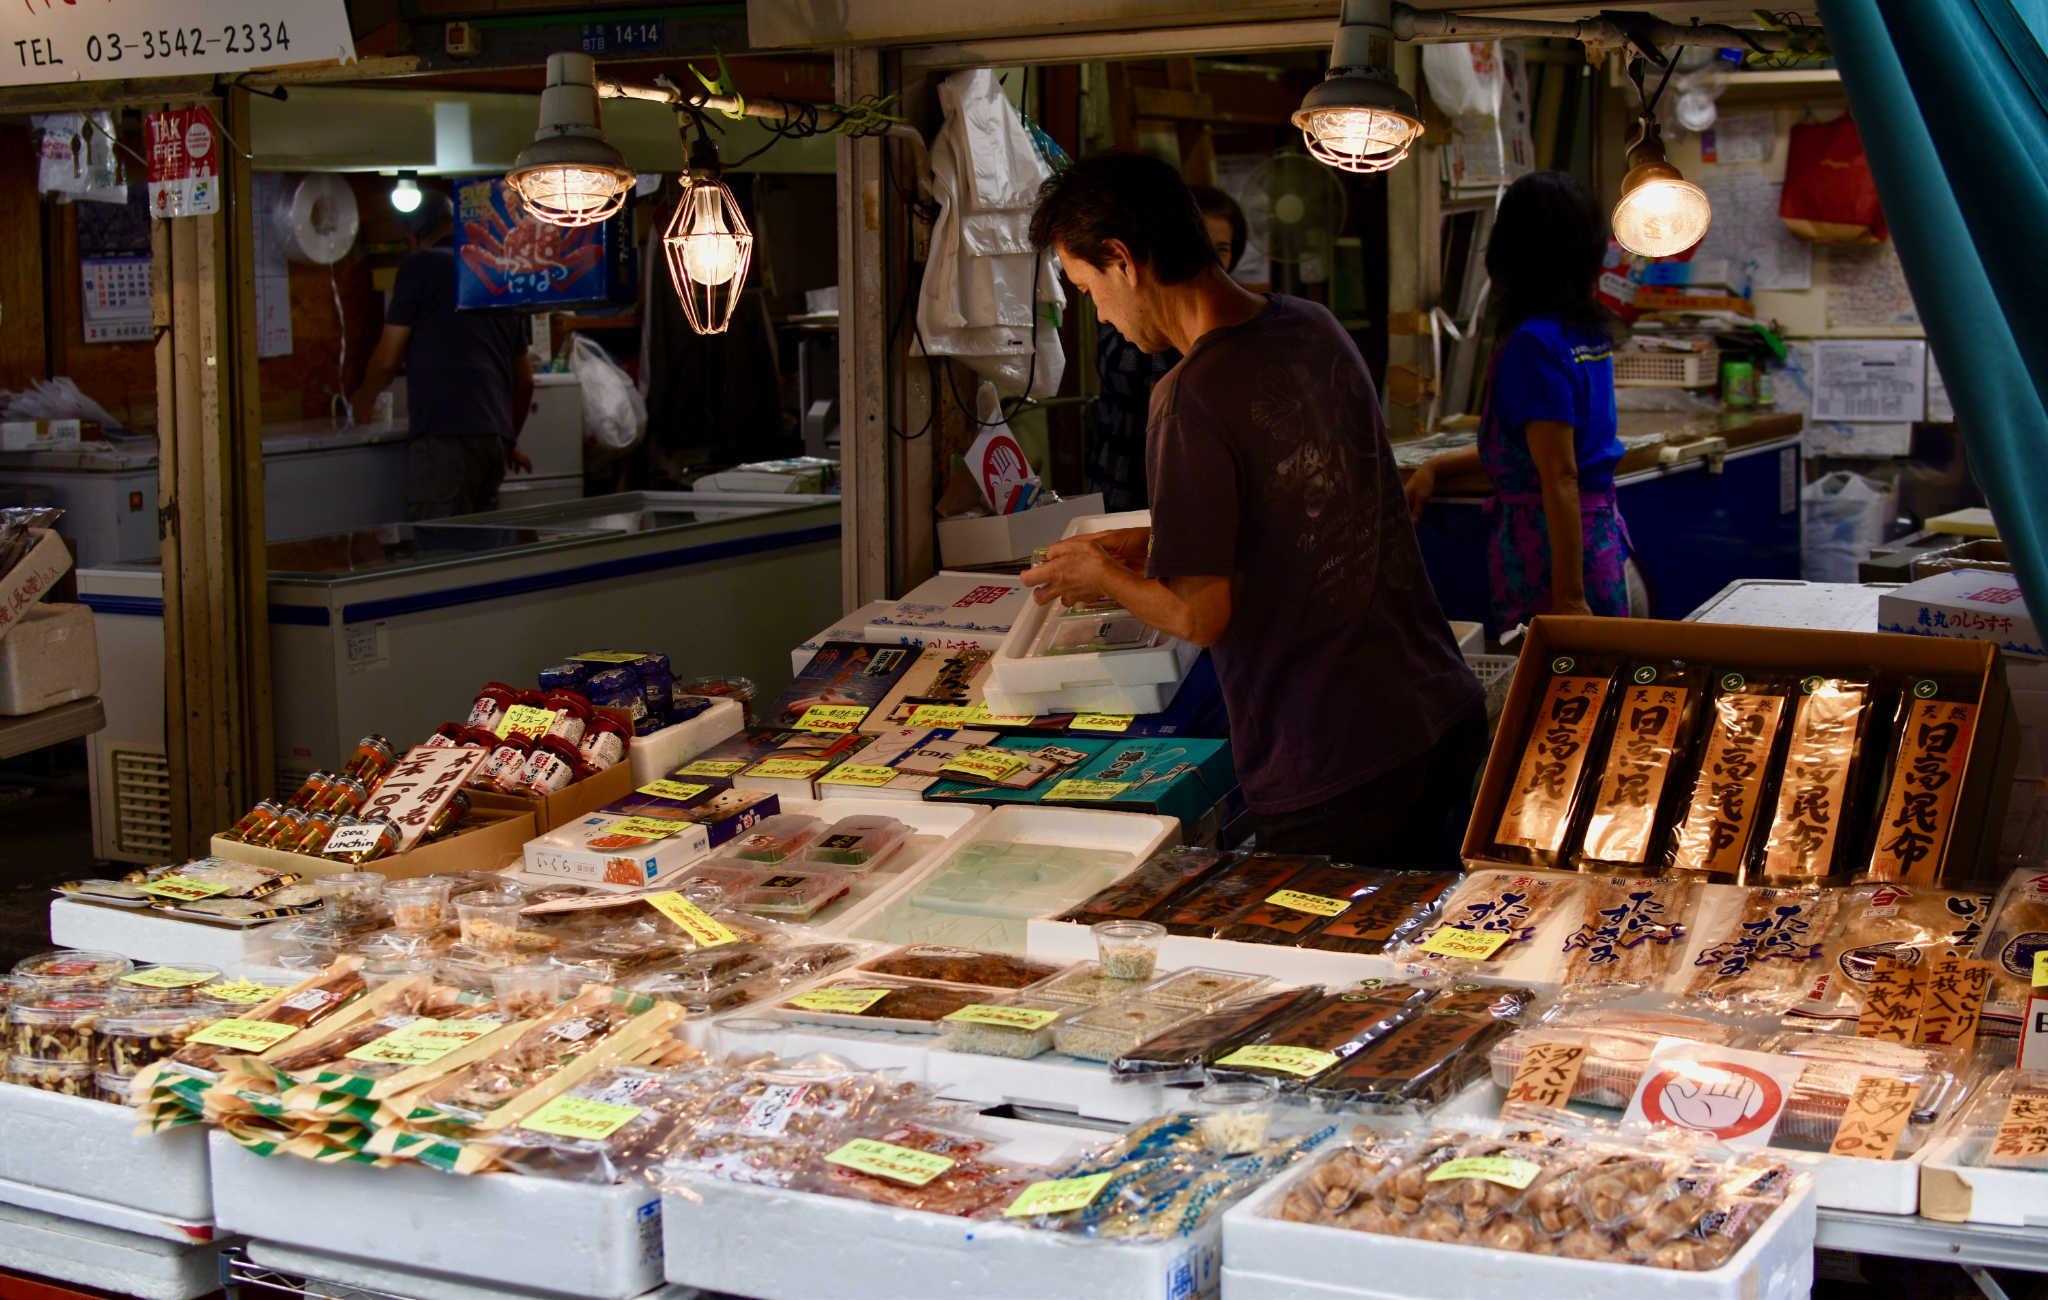 Beaucoup de poissons et crustacés séchés qui entrent dans la préparation de plats japonais